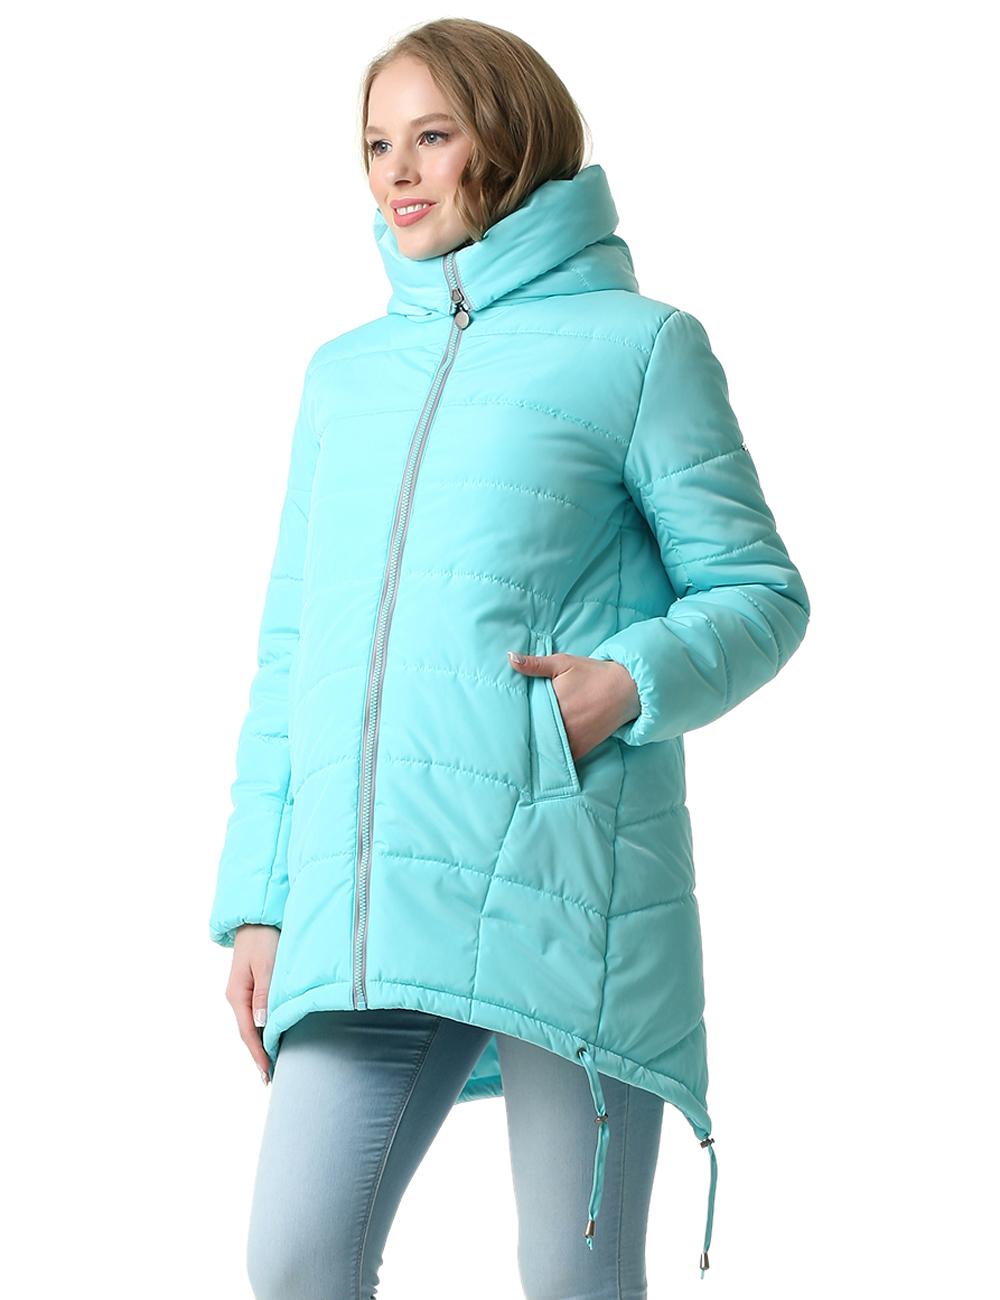 ba02e51f55c27a4 Фото Куртка зимняя 2в1 I love mum Тулуза ментол для беременных от магазина  Kidster